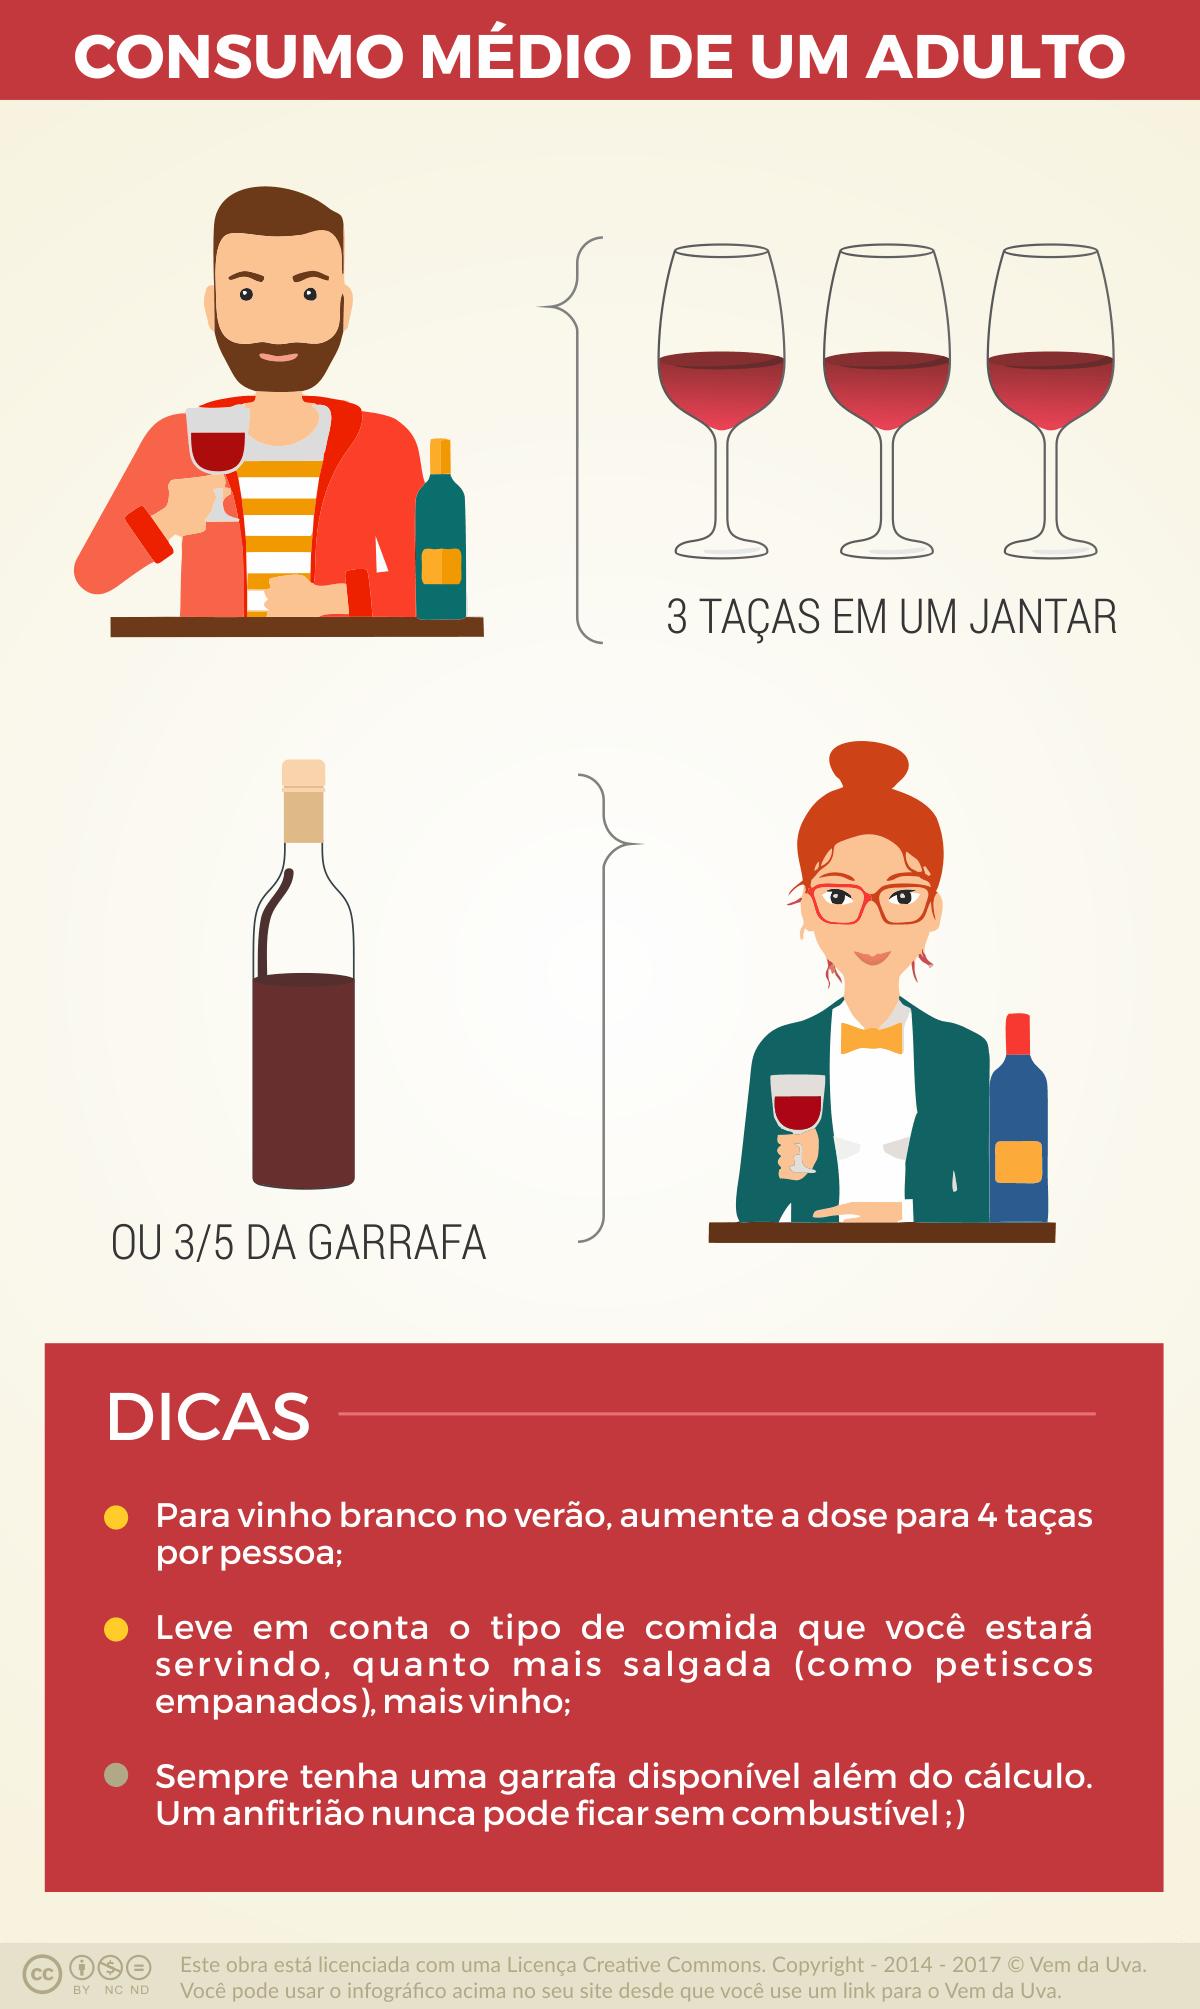 Quanto Vinho uma Pessoa Consome em uma Festa?